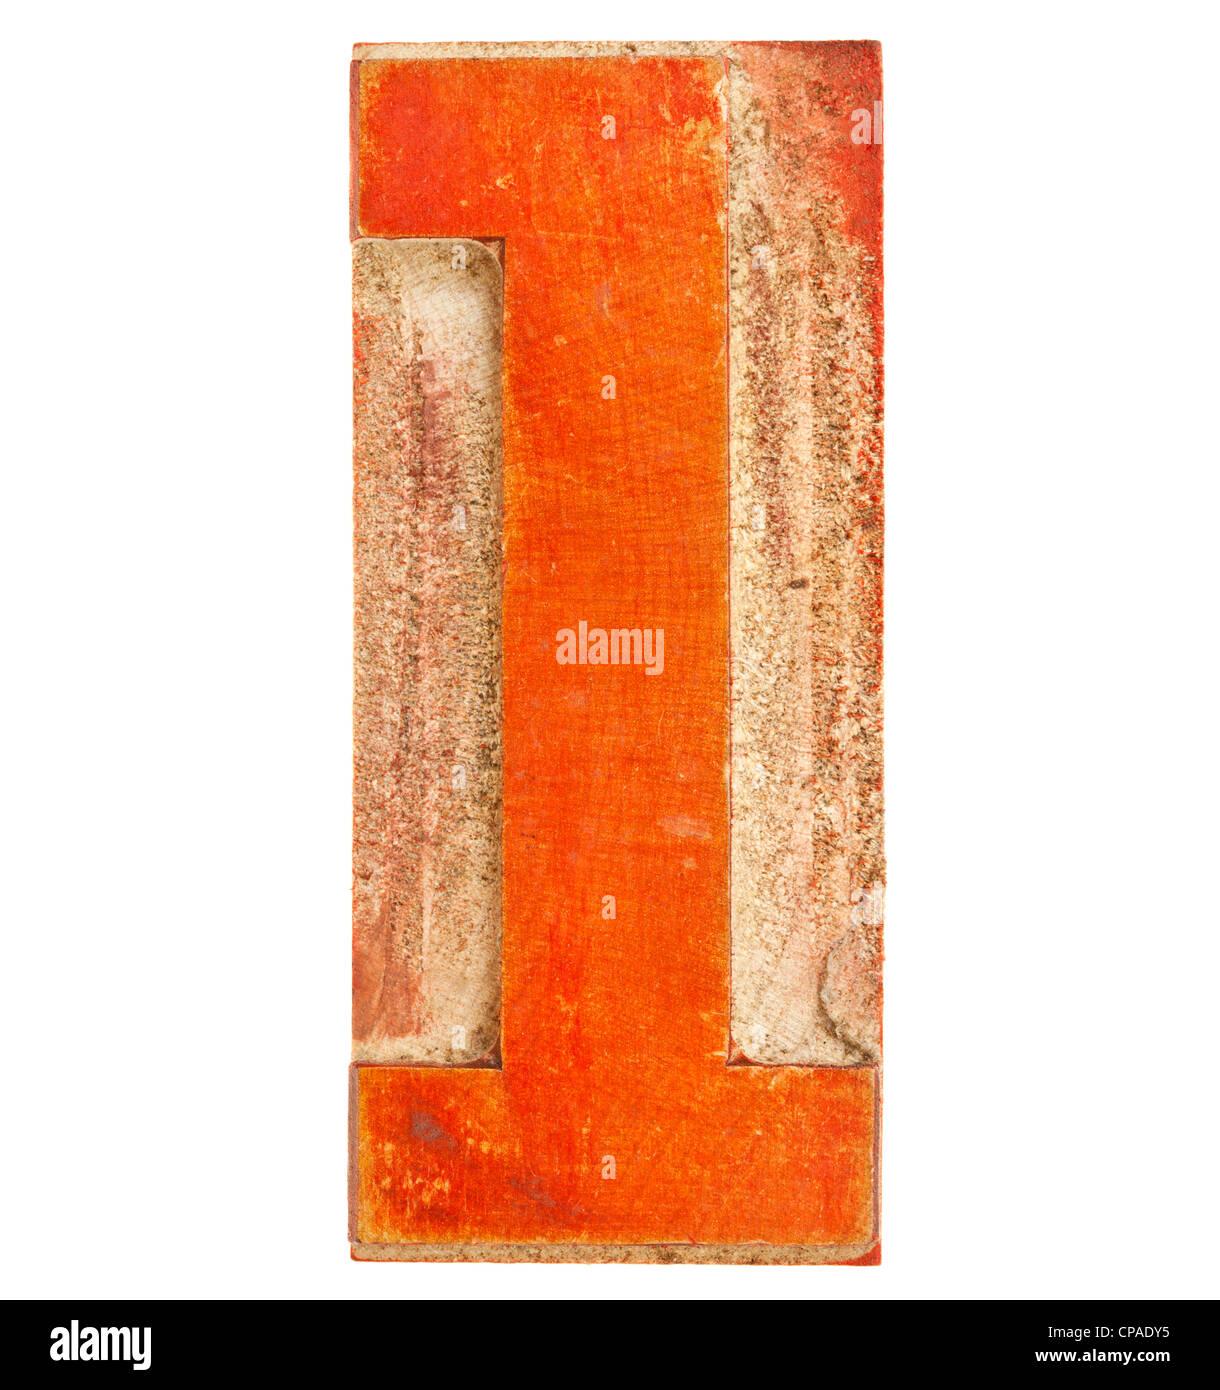 Número uno en madera aislado bloque de tipografía, manchada con tinta roja Imagen De Stock